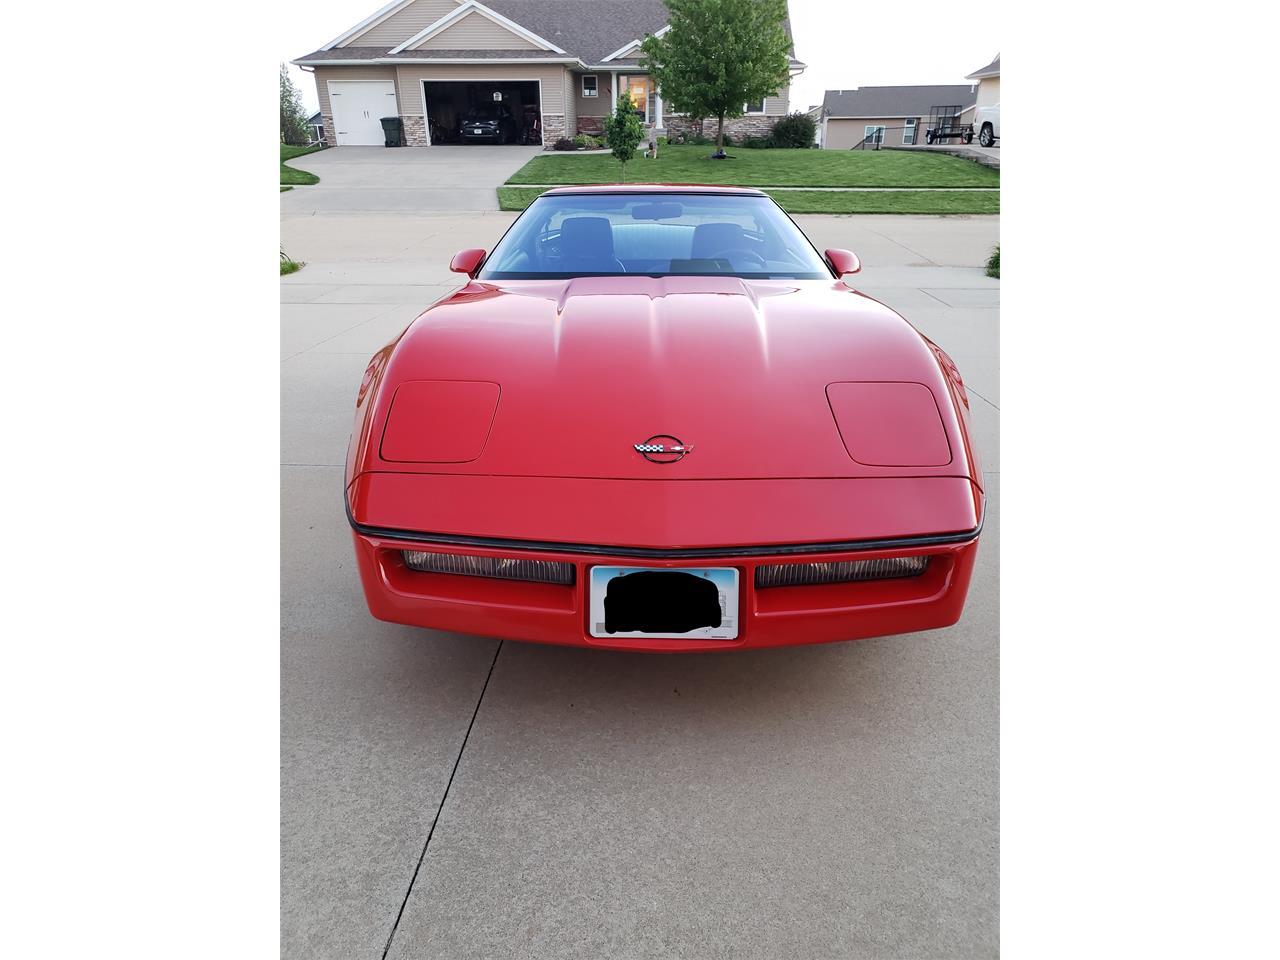 1990 Chevrolet Corvette ZR1 (CC-1223461) for sale in Solon, Iowa